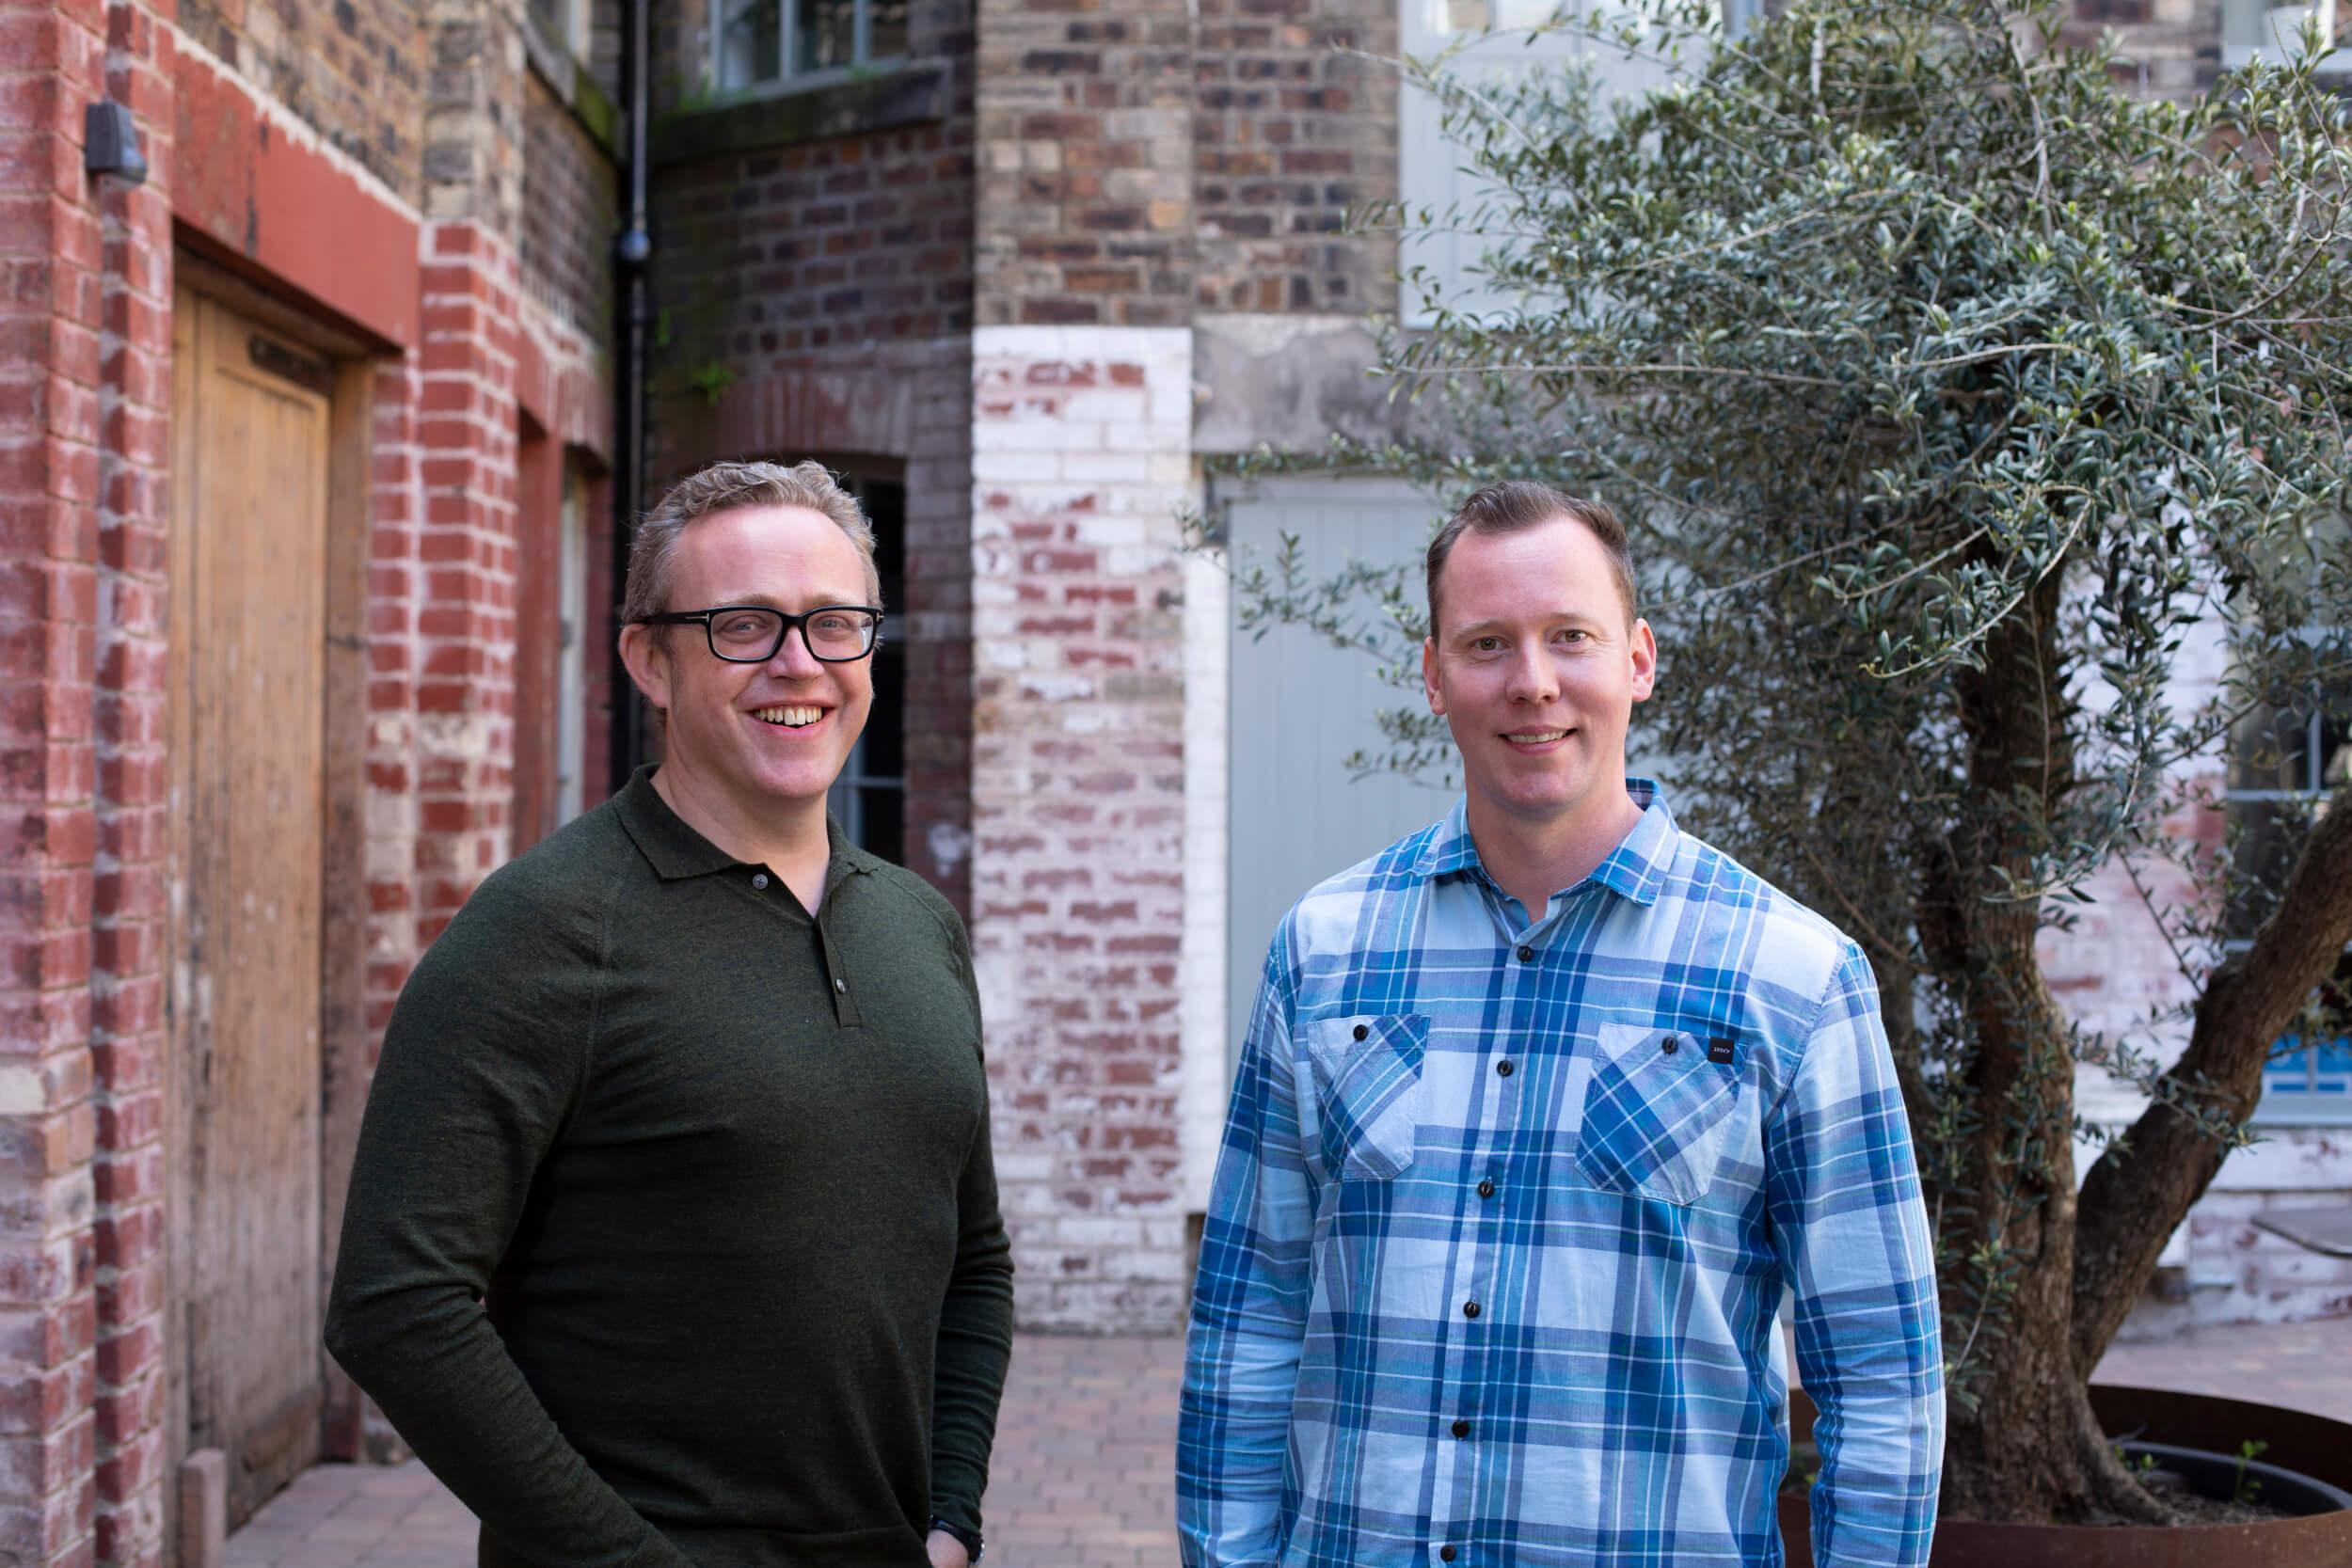 zumo founders